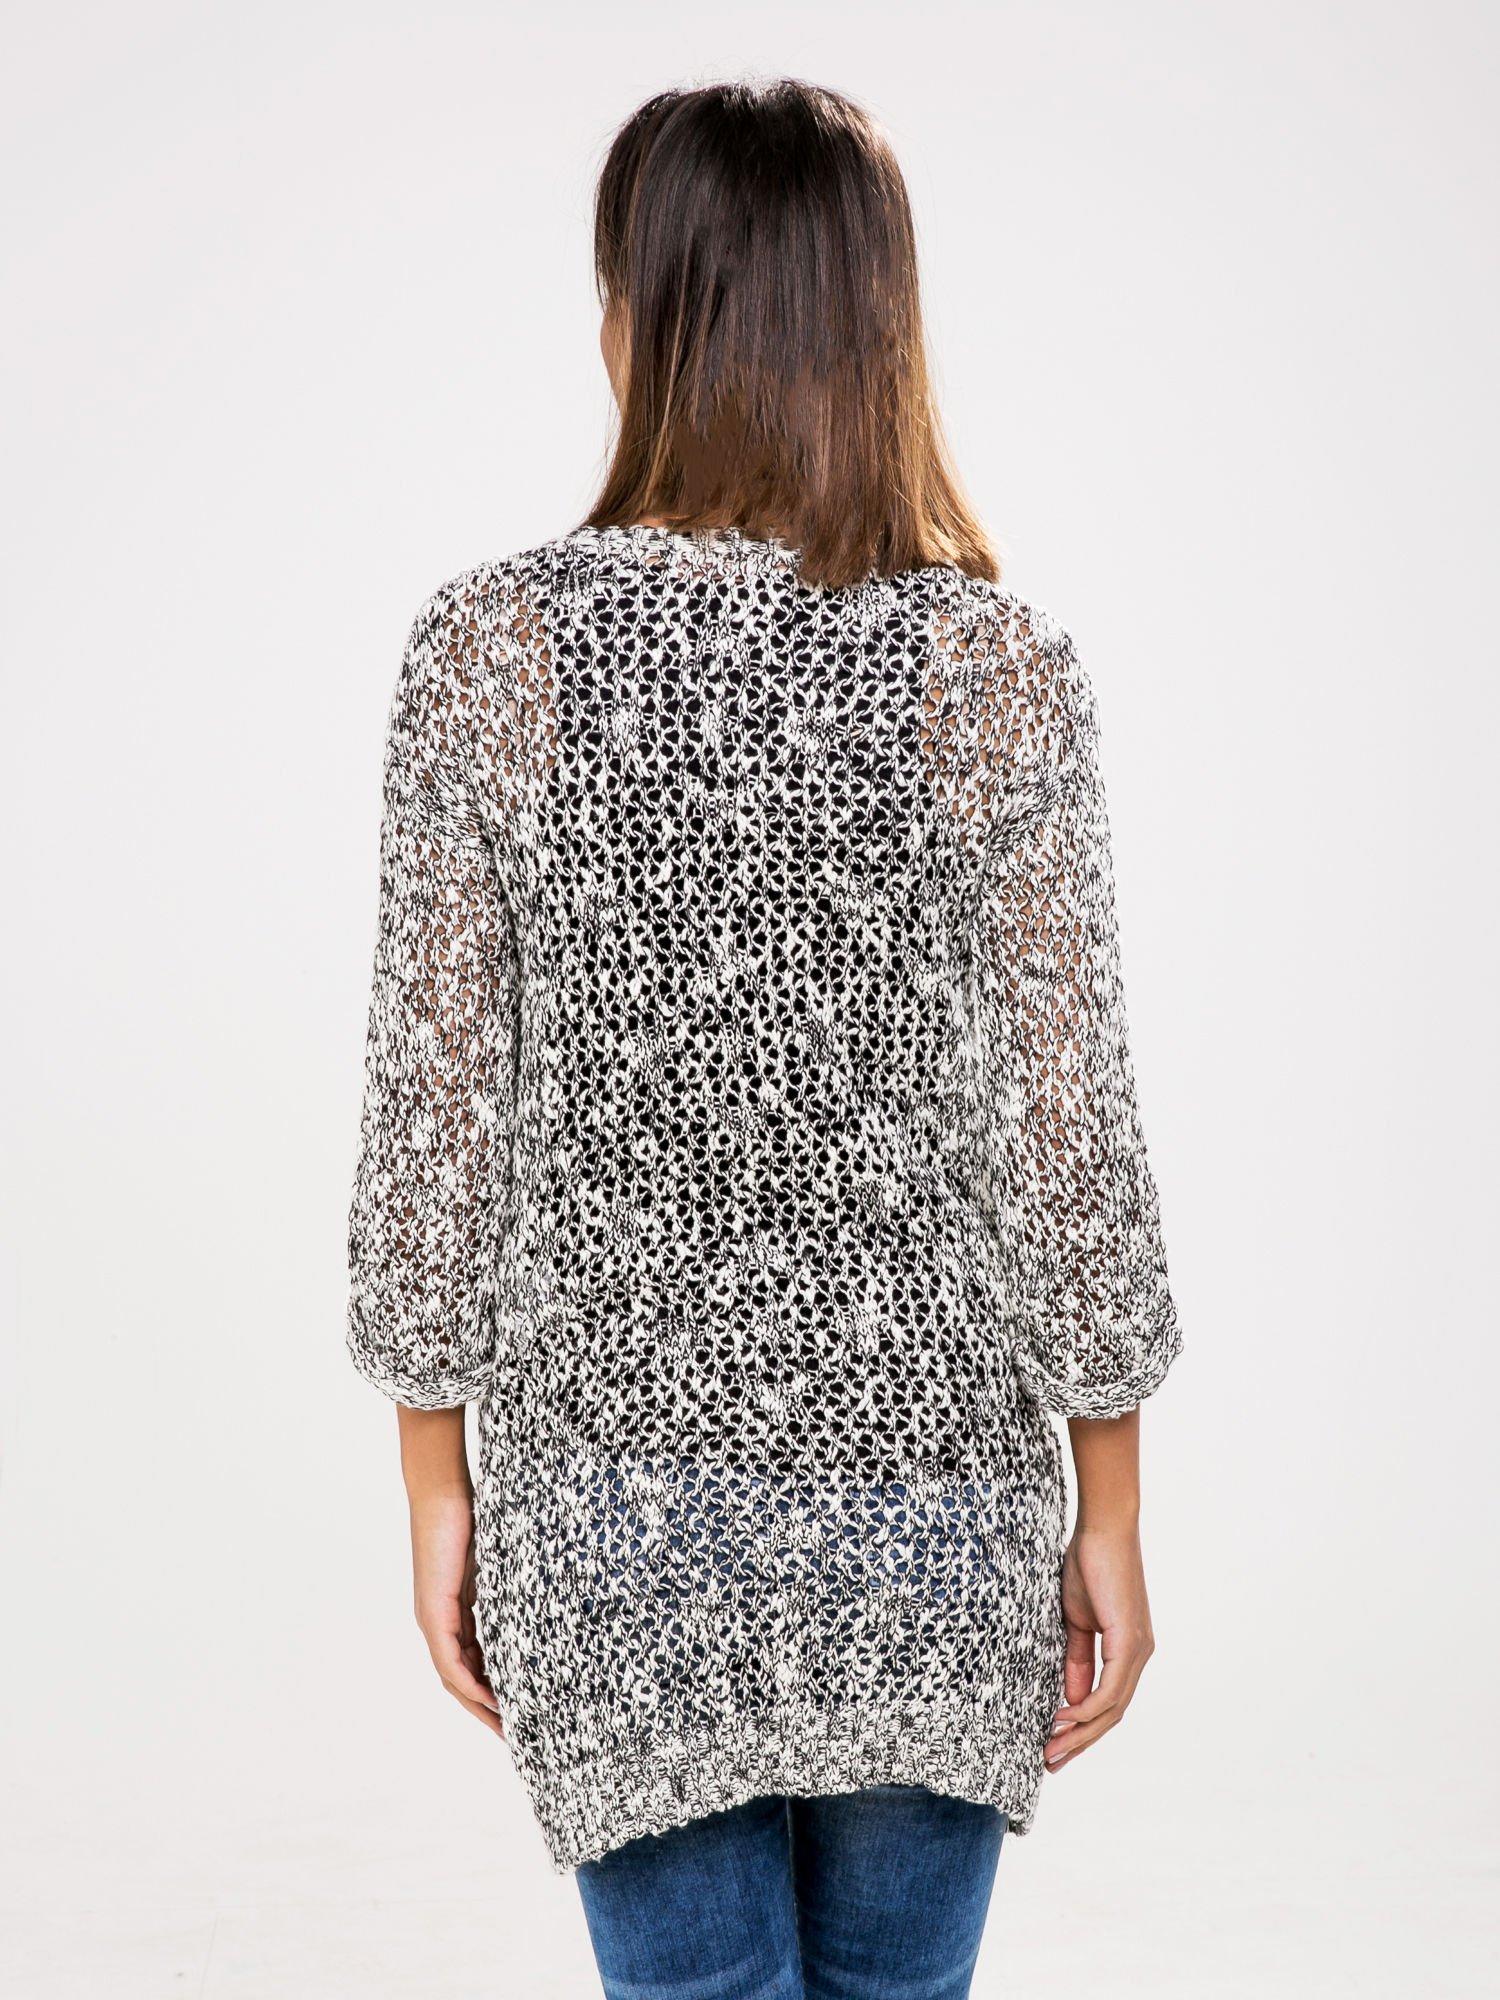 STRADIVARIUS Szary sweter kardigan z kieszeniami                                  zdj.                                  2